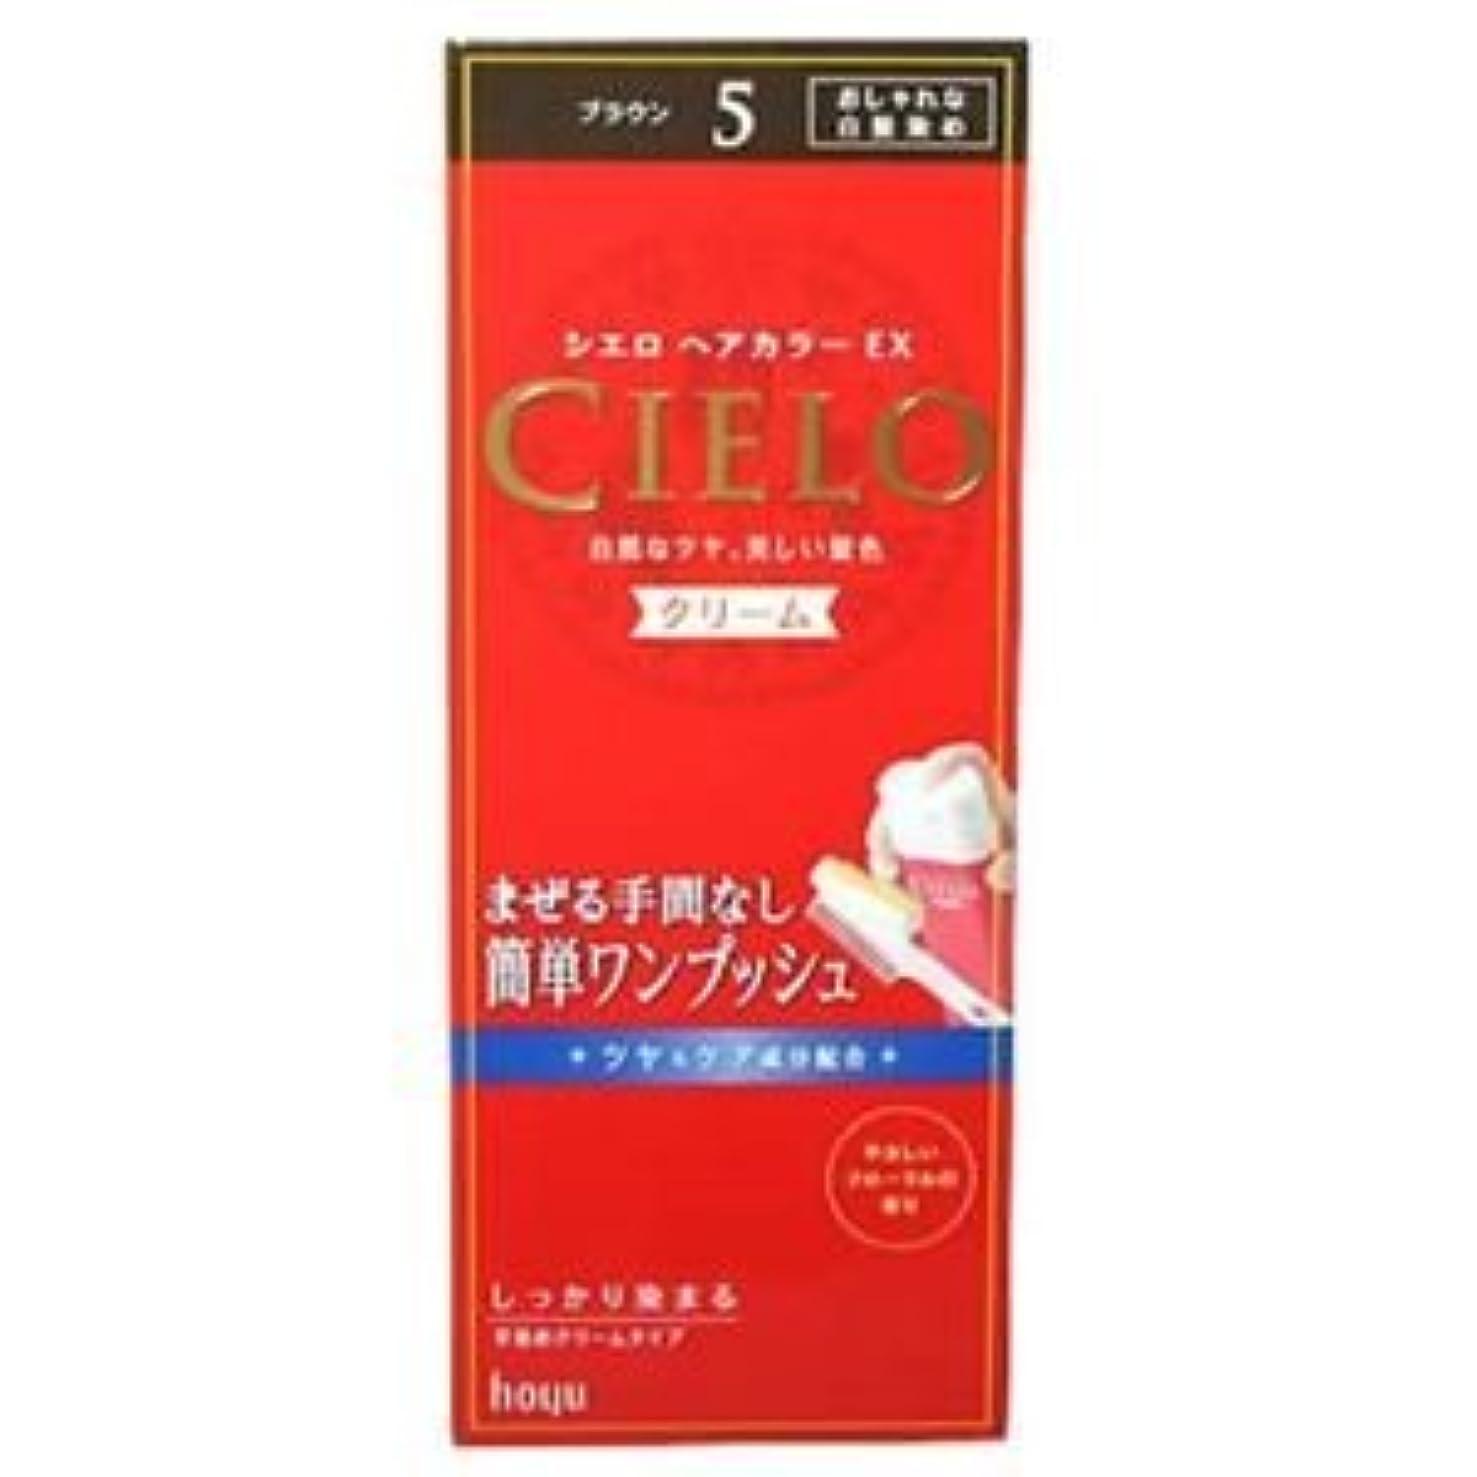 一定筋肉の郵便屋さんシエロ ヘアカラーEX クリーム5 (ブラウン) 7セット